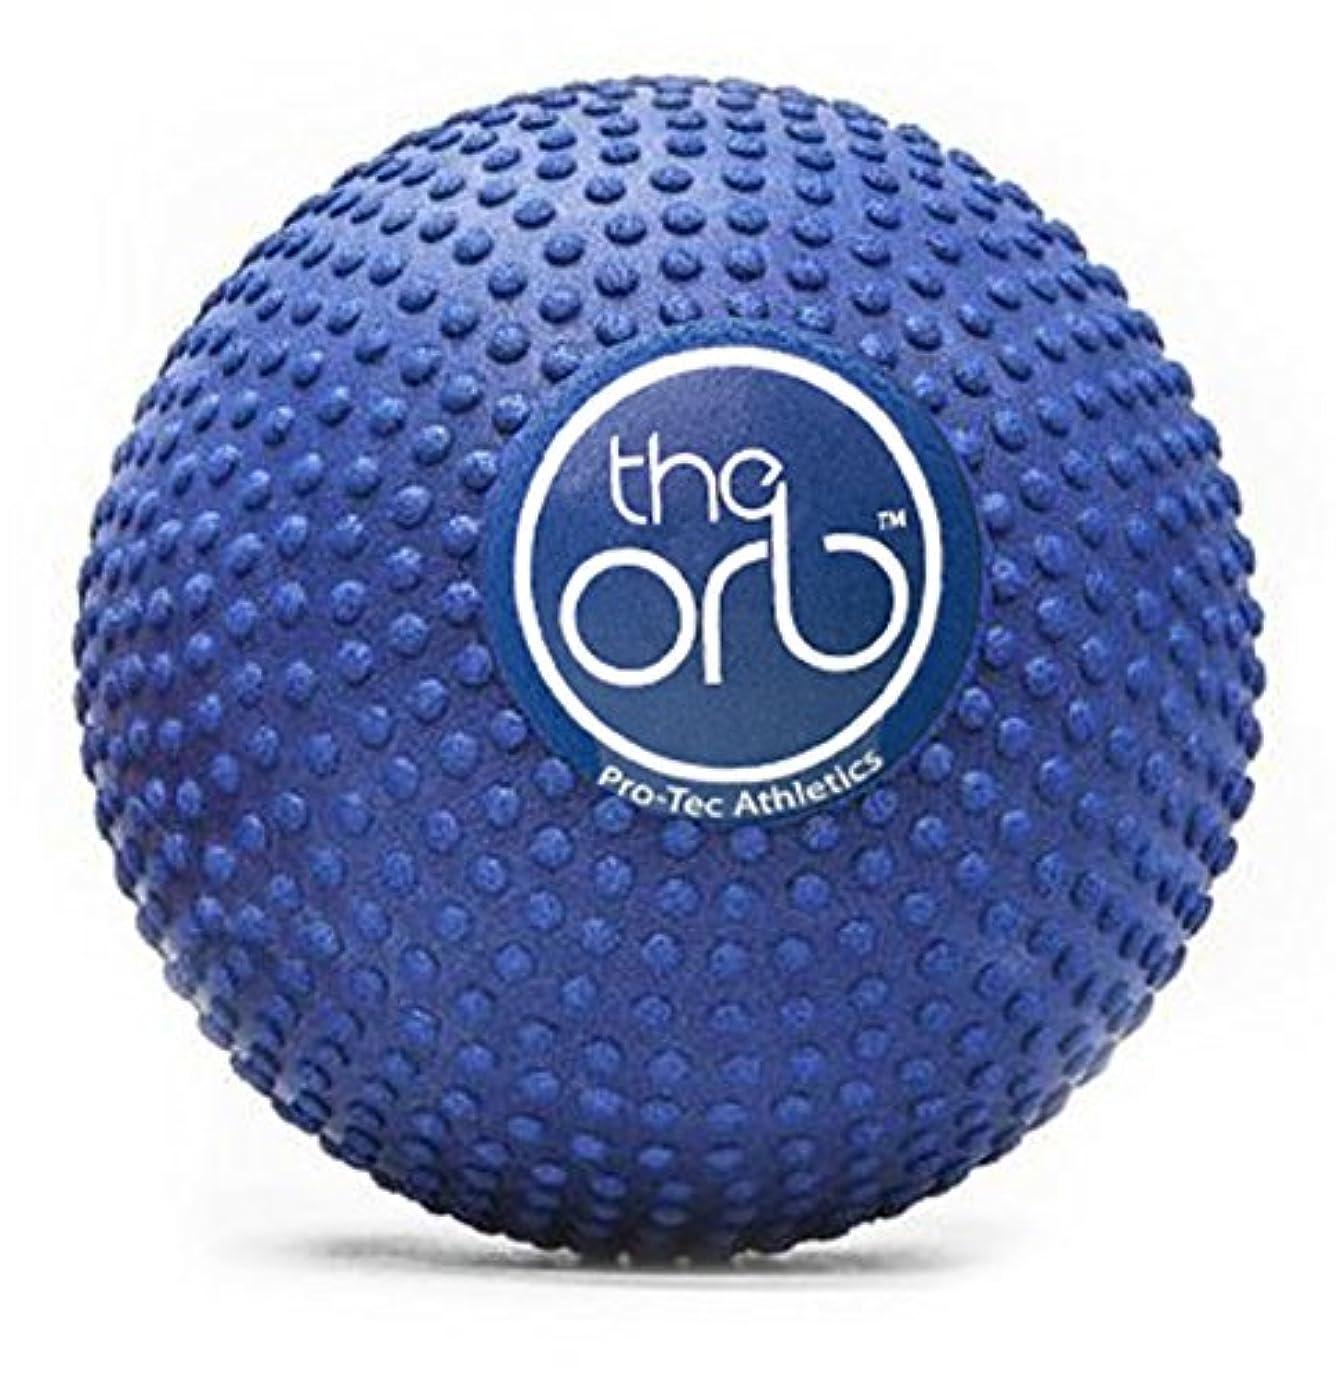 作動するまばたき小石Pro-Tec Athletics(プロテックアスレチックス) The Orb 5